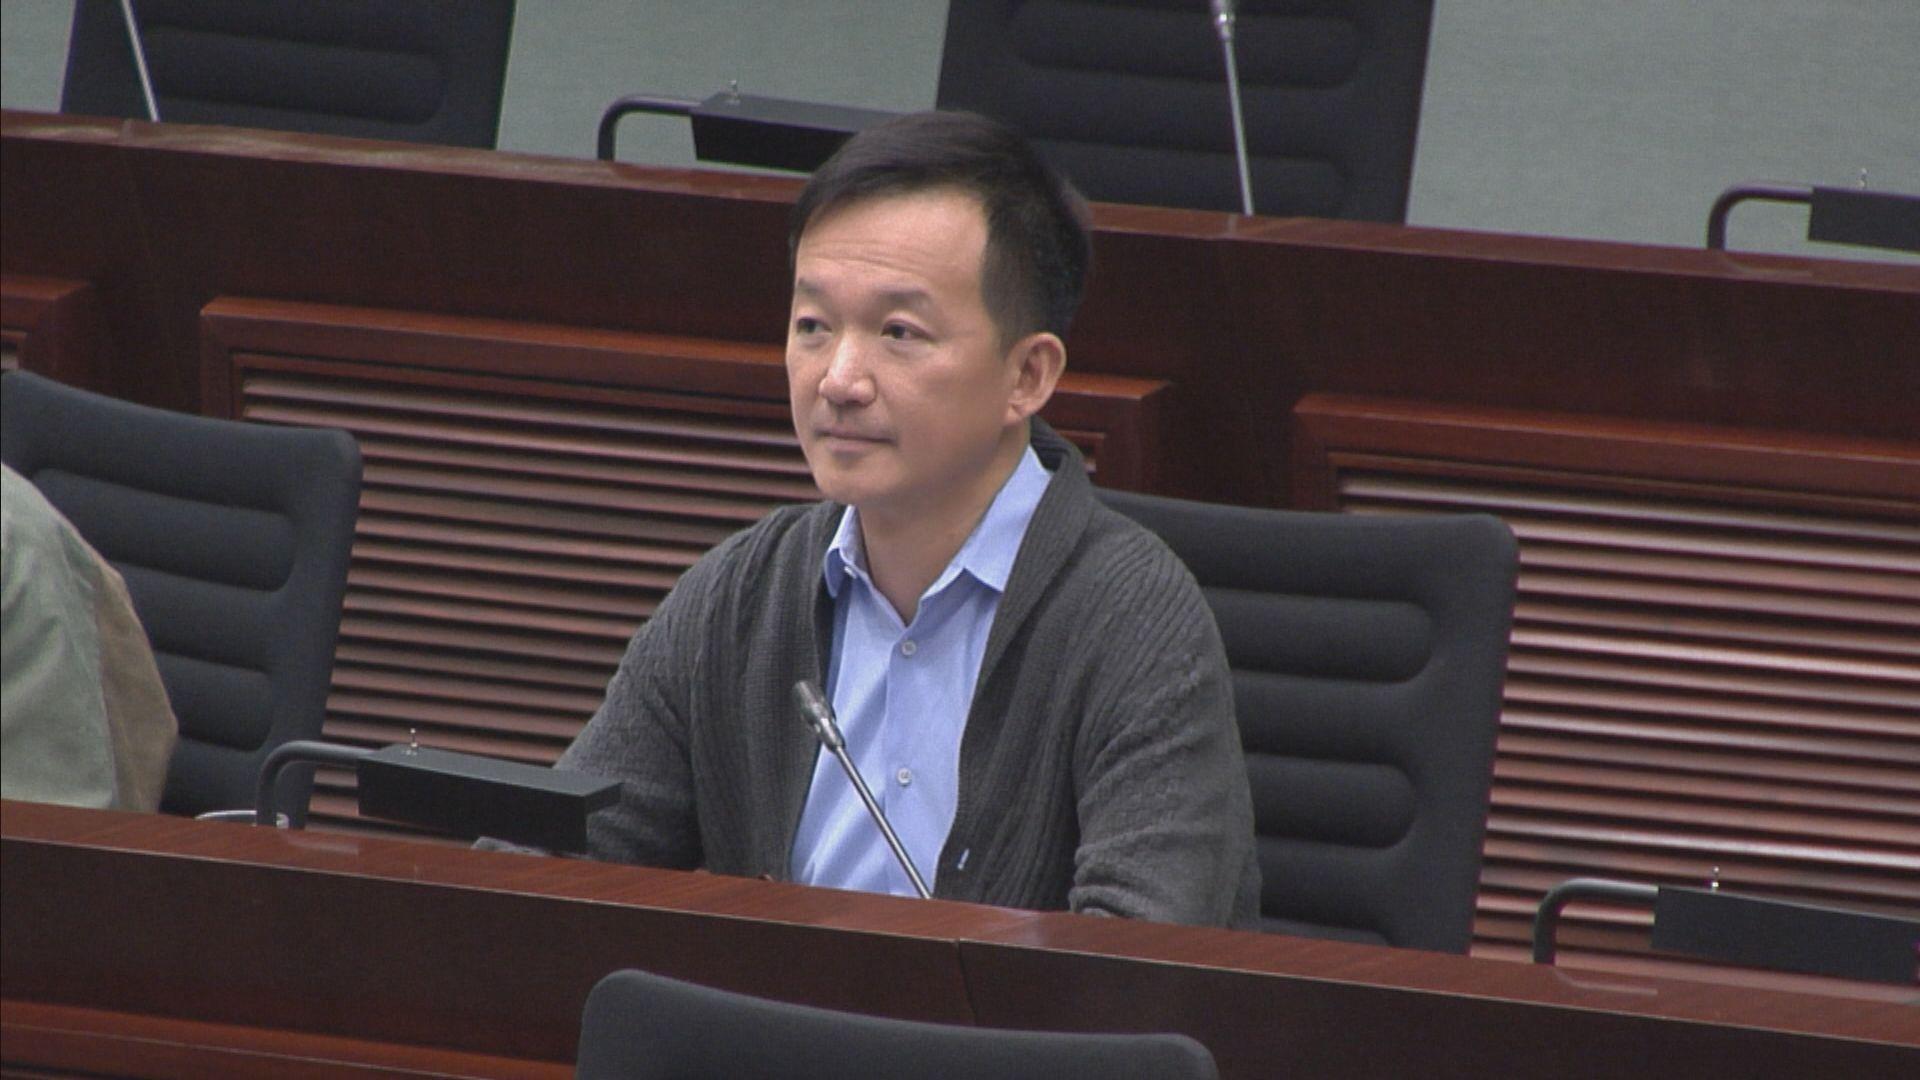 陳志全私人檢控郭偉强普通襲擊 法庭已發傳票